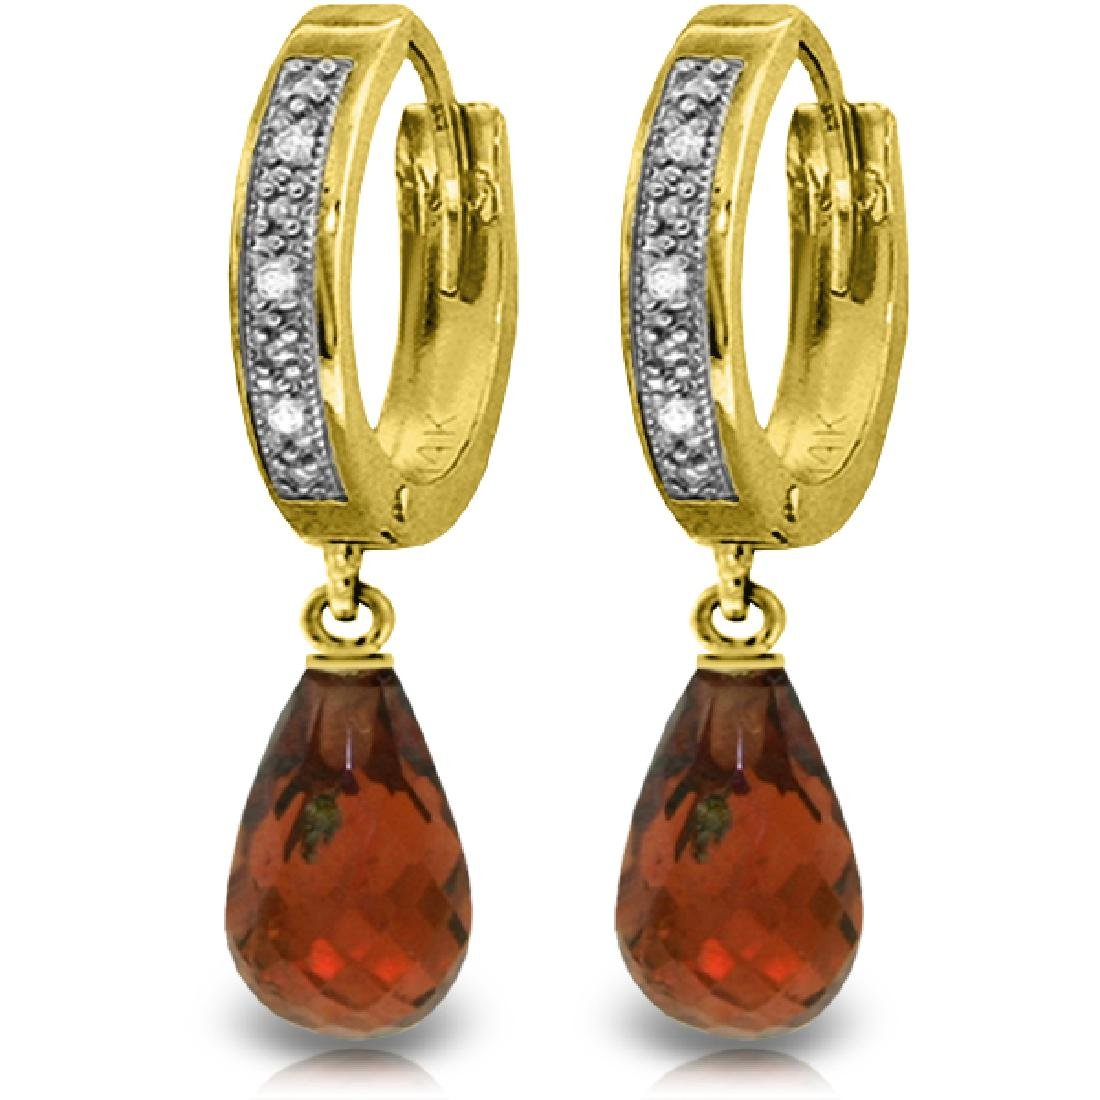 Genuine 4.54 ctw Garnet & Diamond Earrings Jewelry 14KT